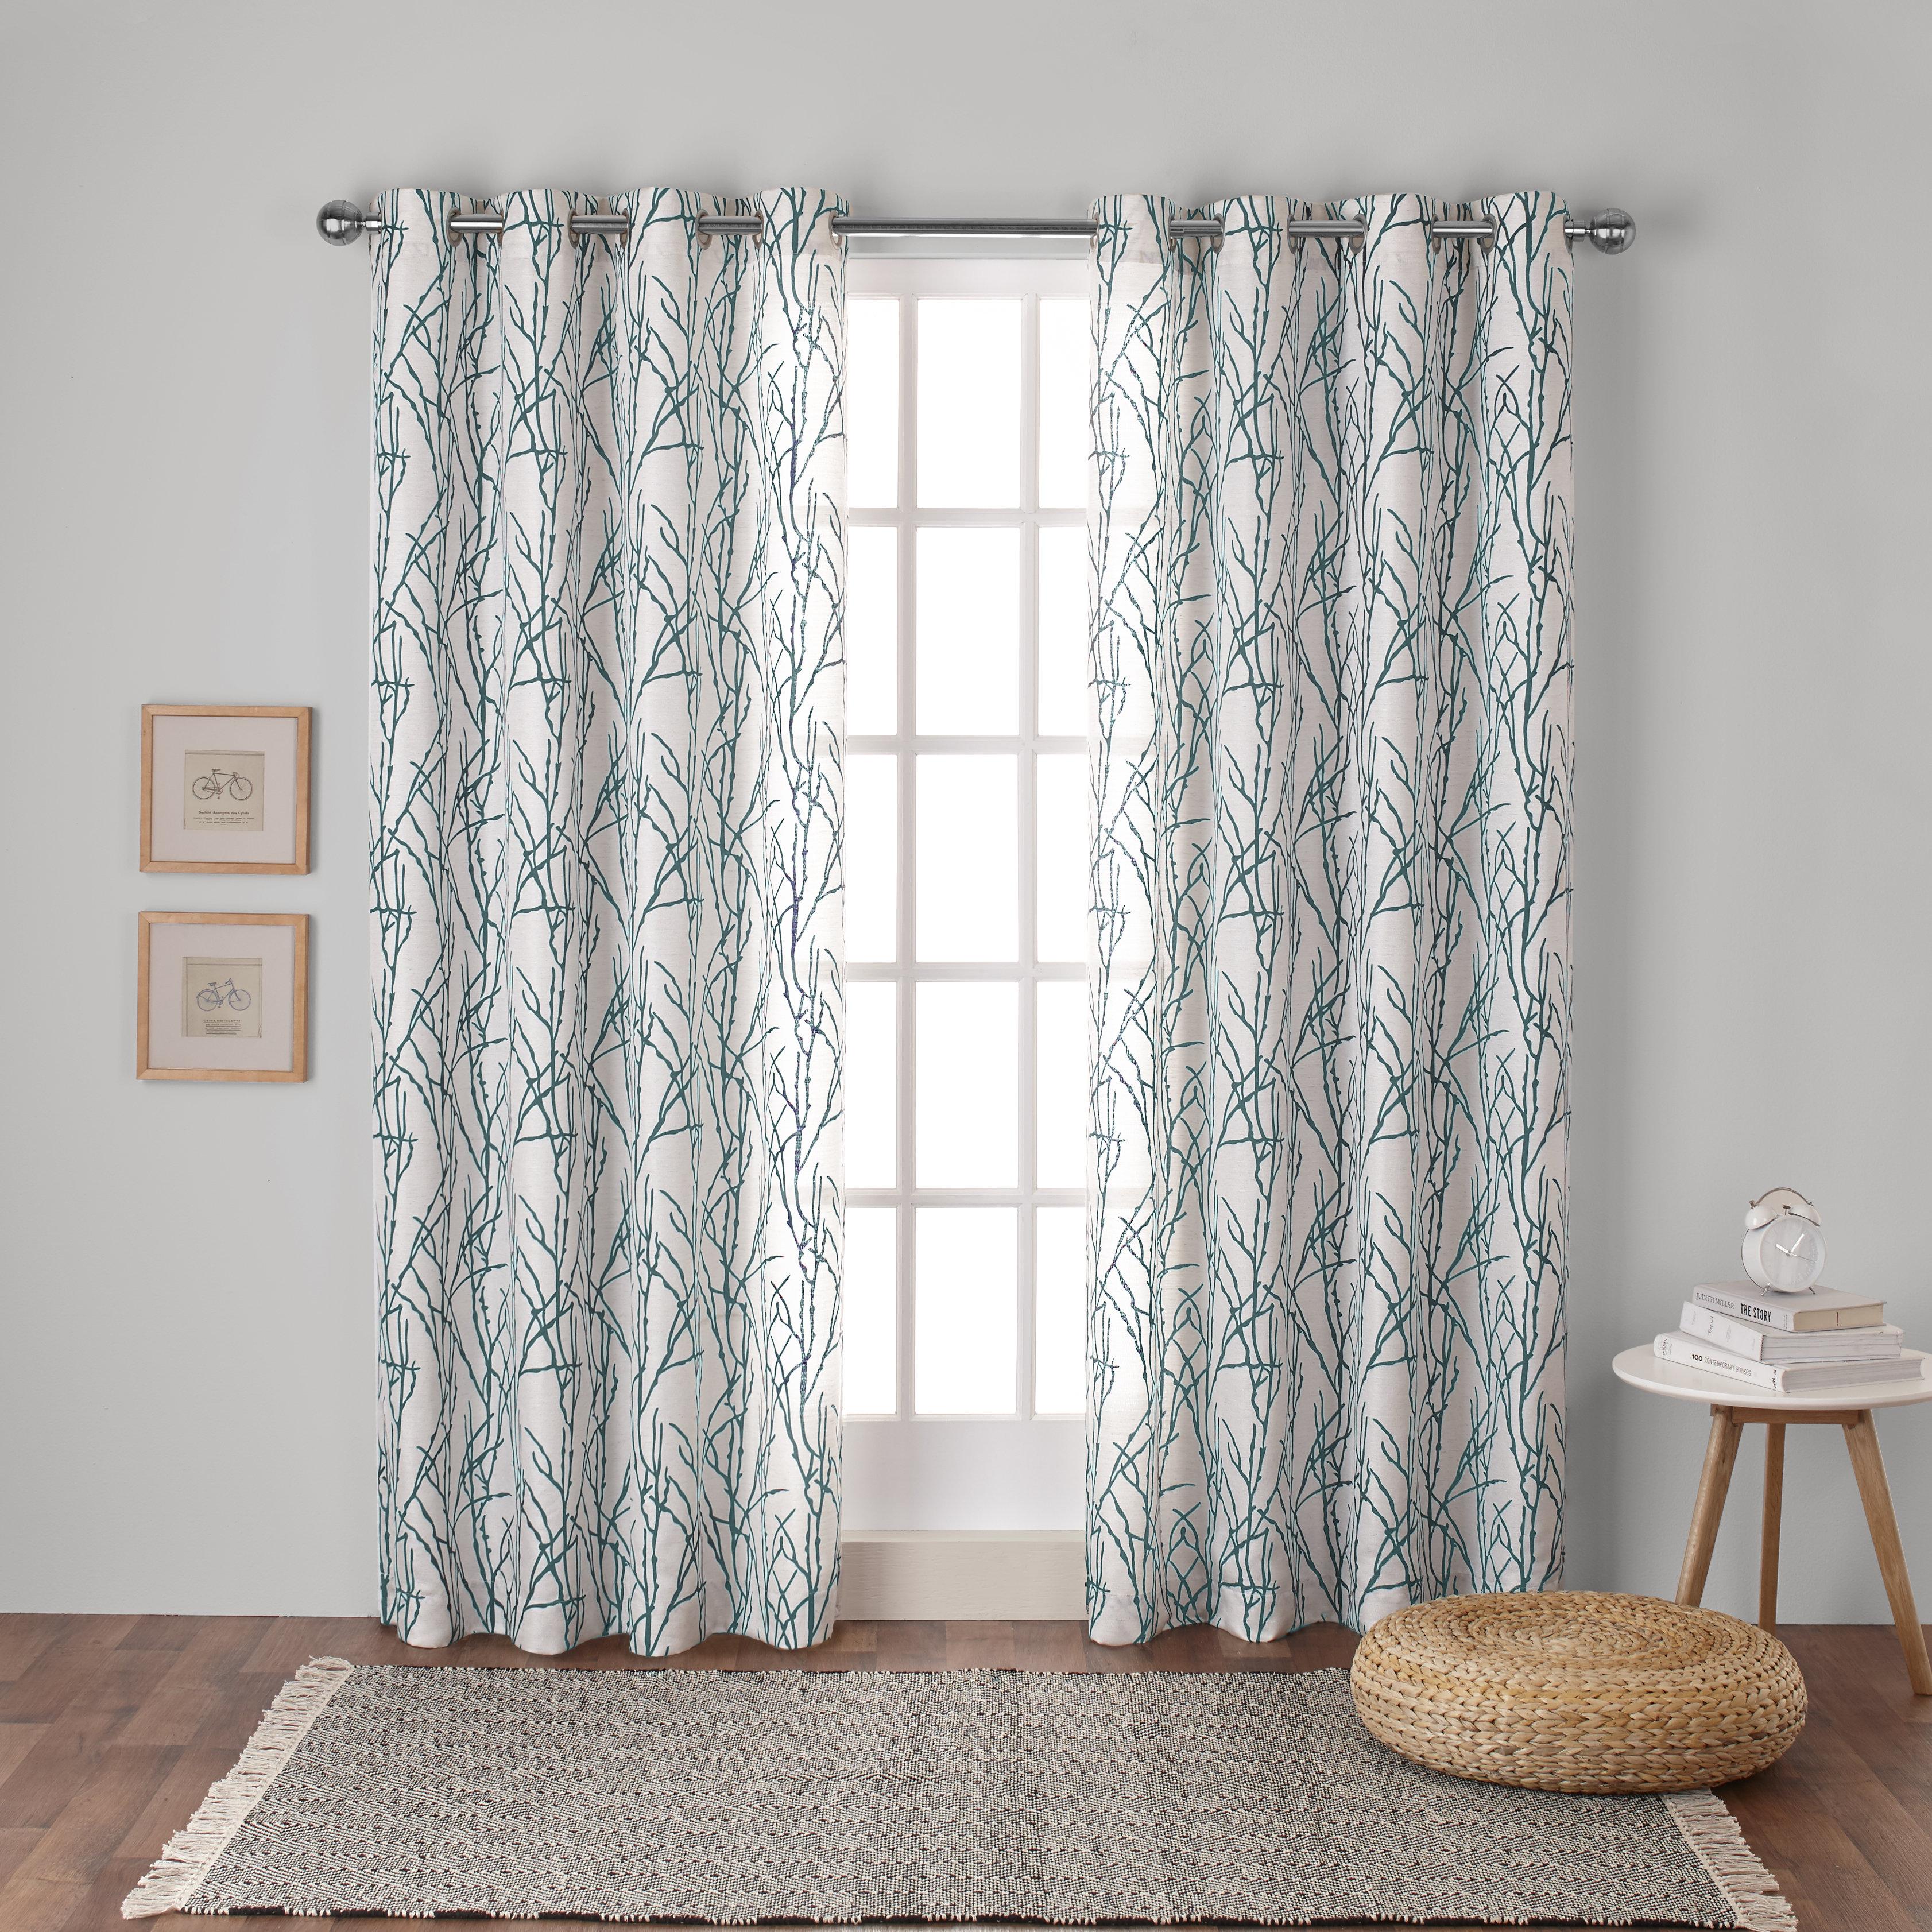 Modern Farmhouse Curtains Drapes You Ll Love In 2021 Wayfair